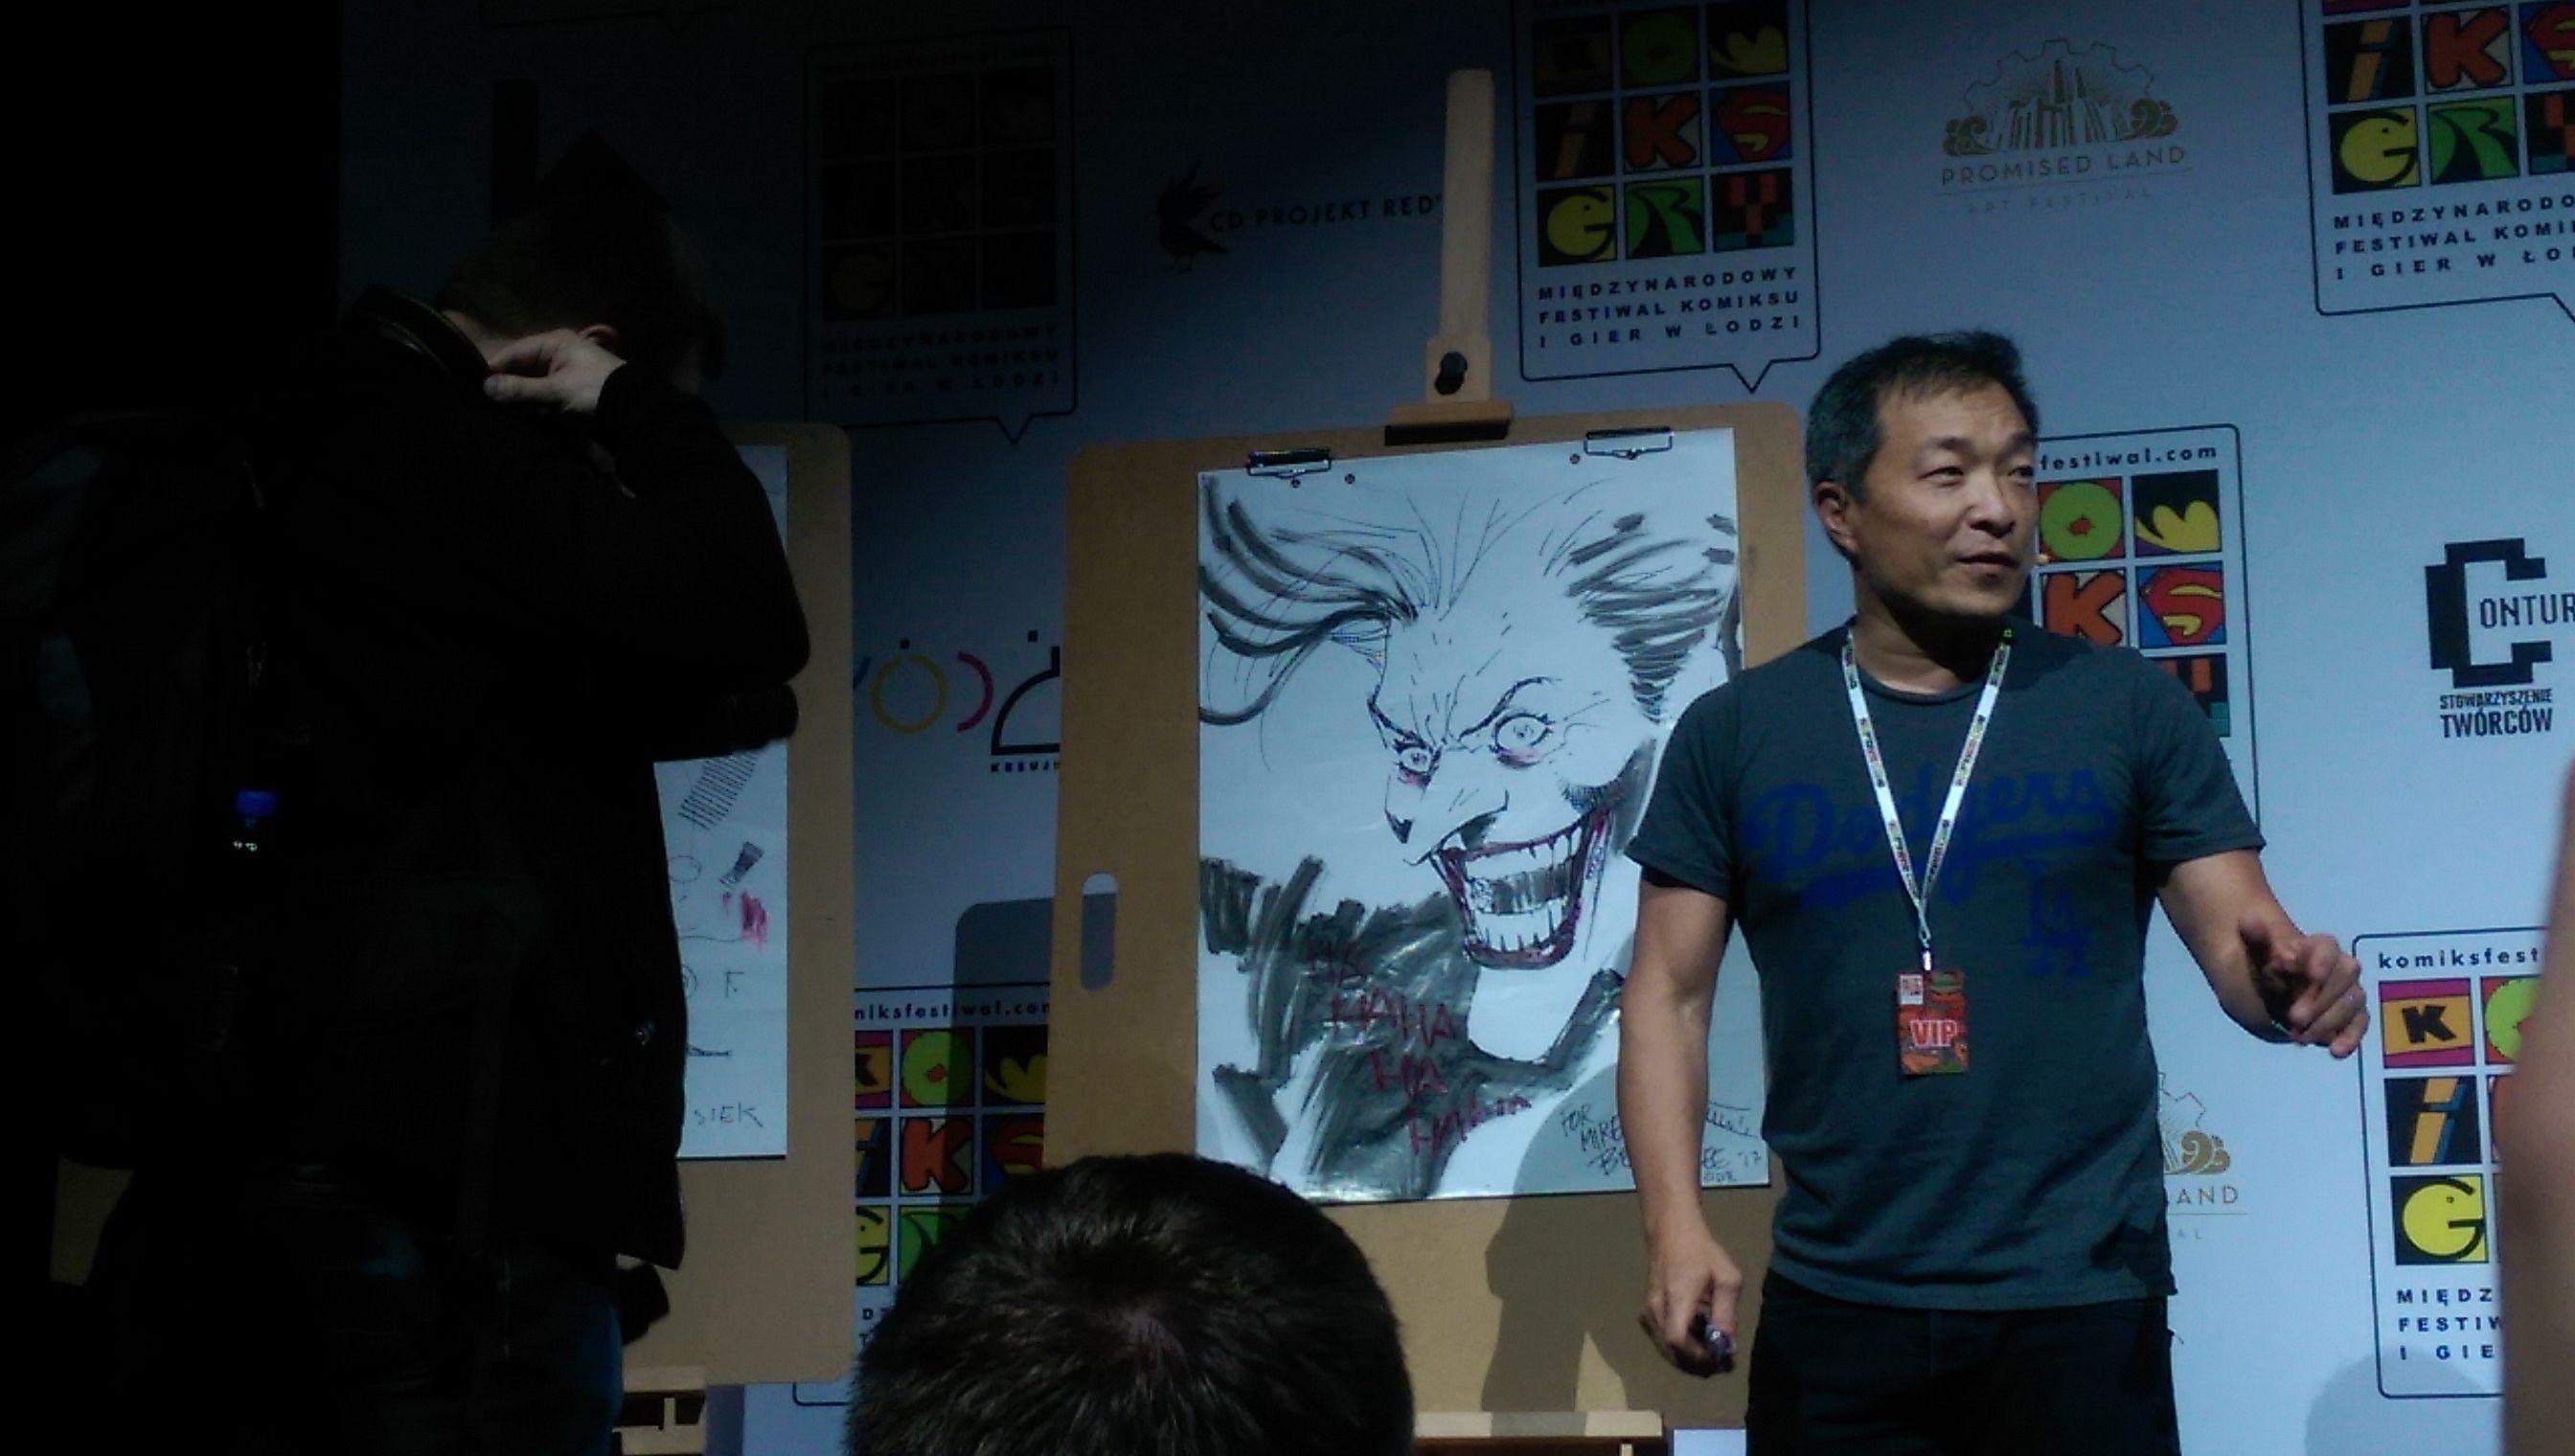 Relacja z konferencji i spotkania z Jimem Lee